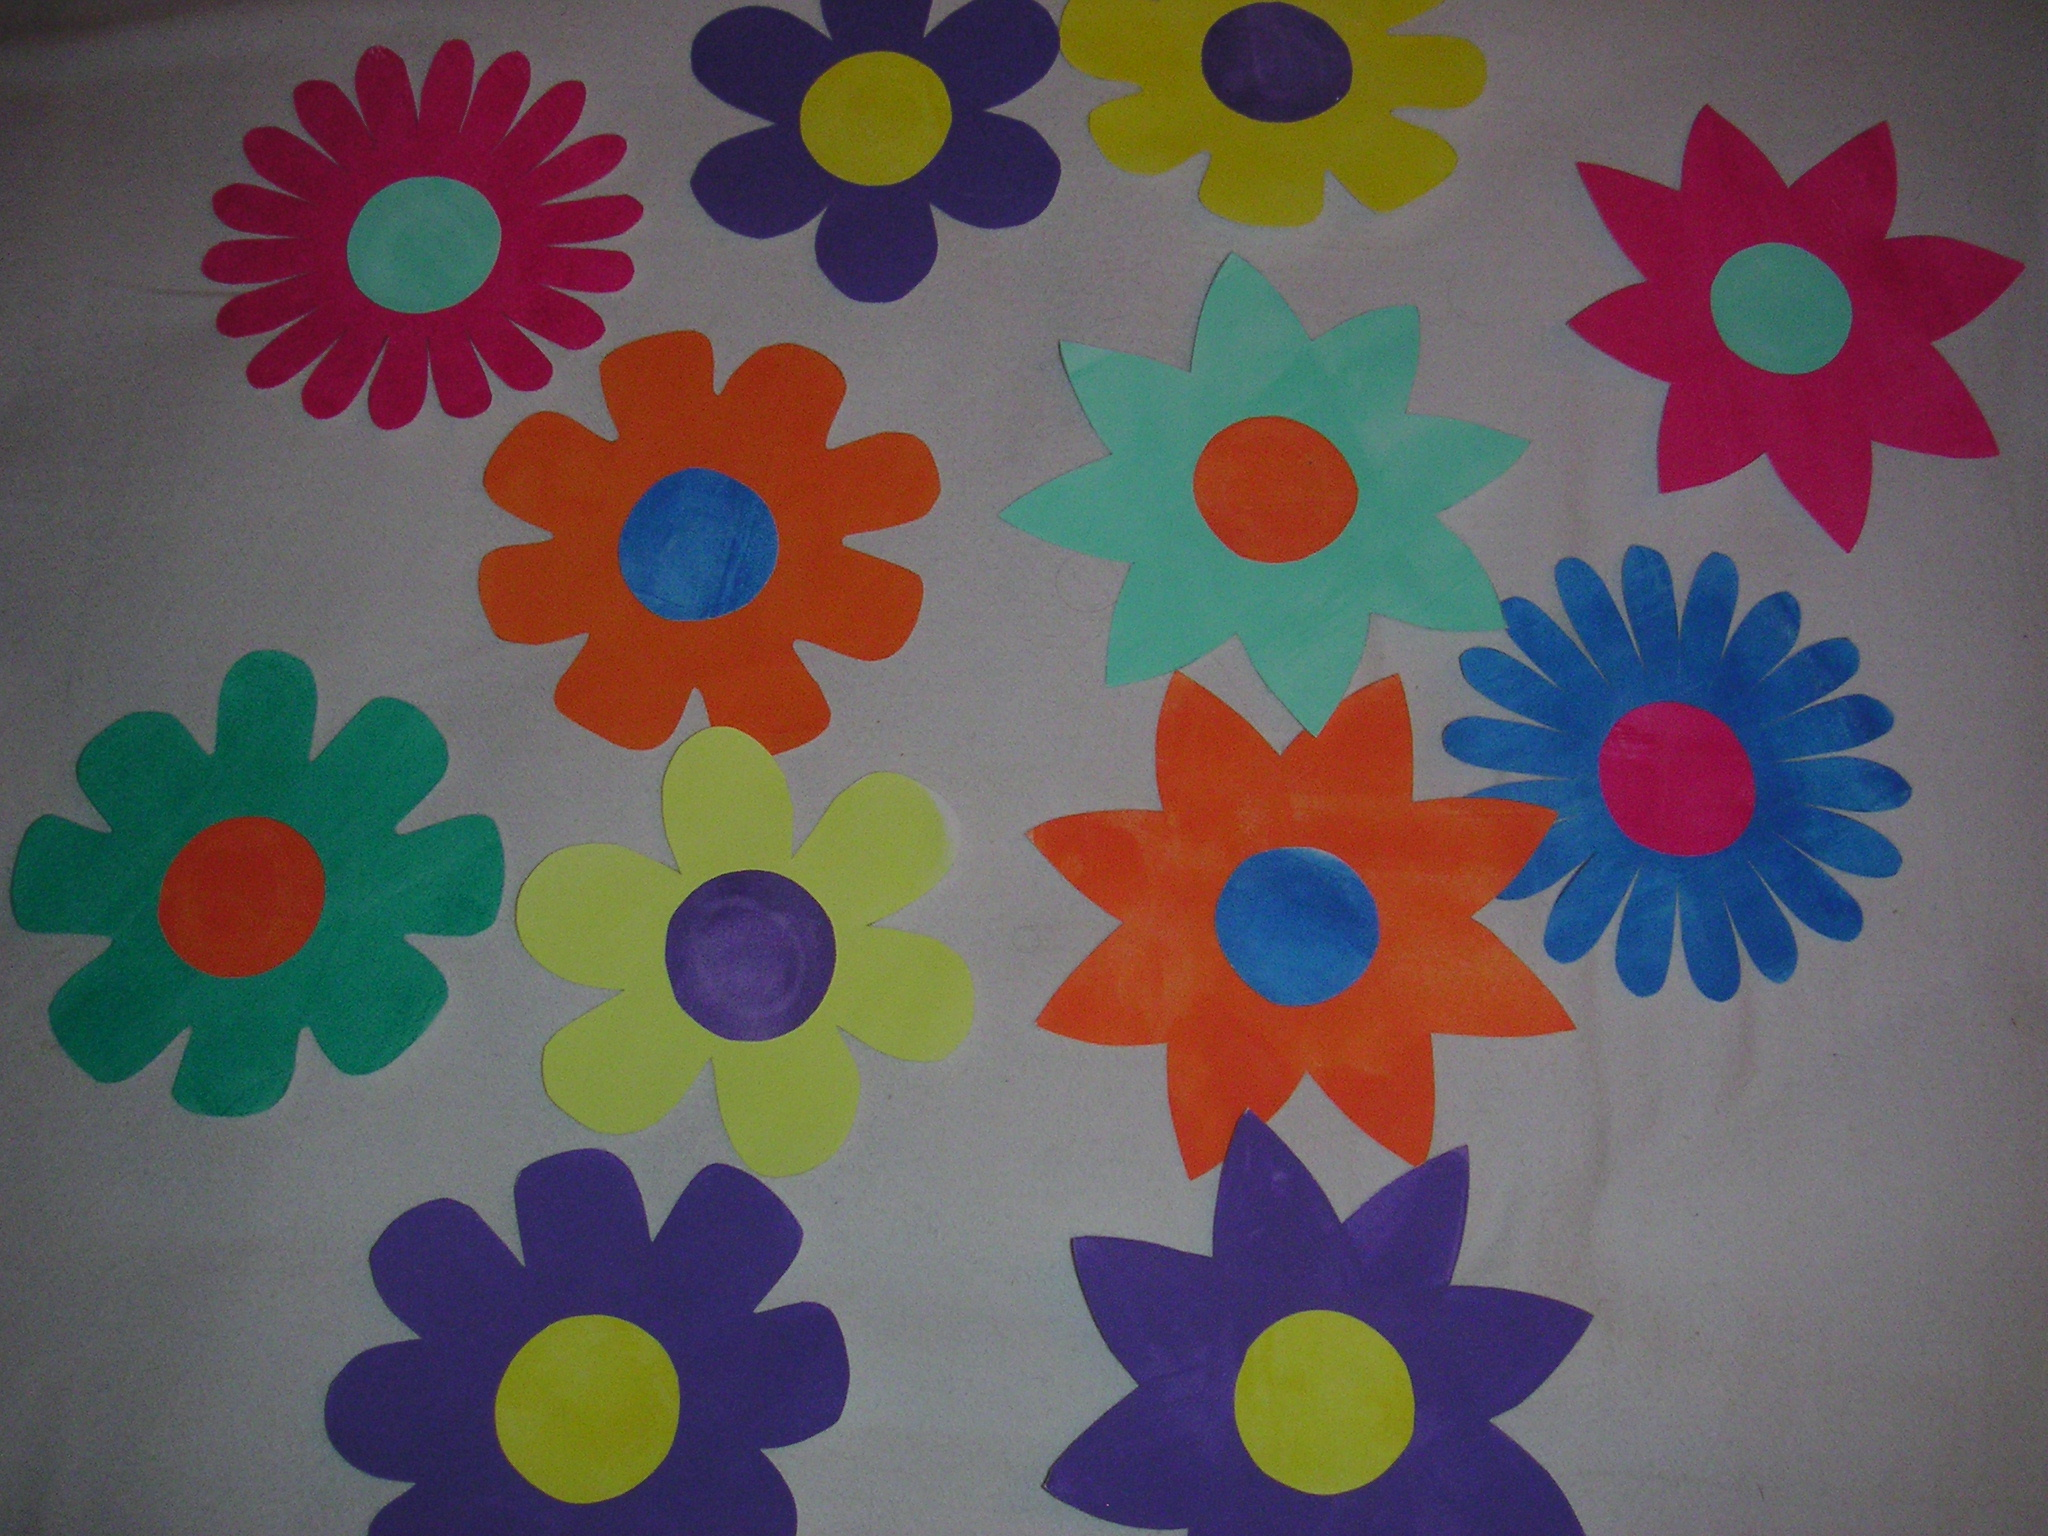 Fleurs En Papier D Co Fabrication Maison Pef81